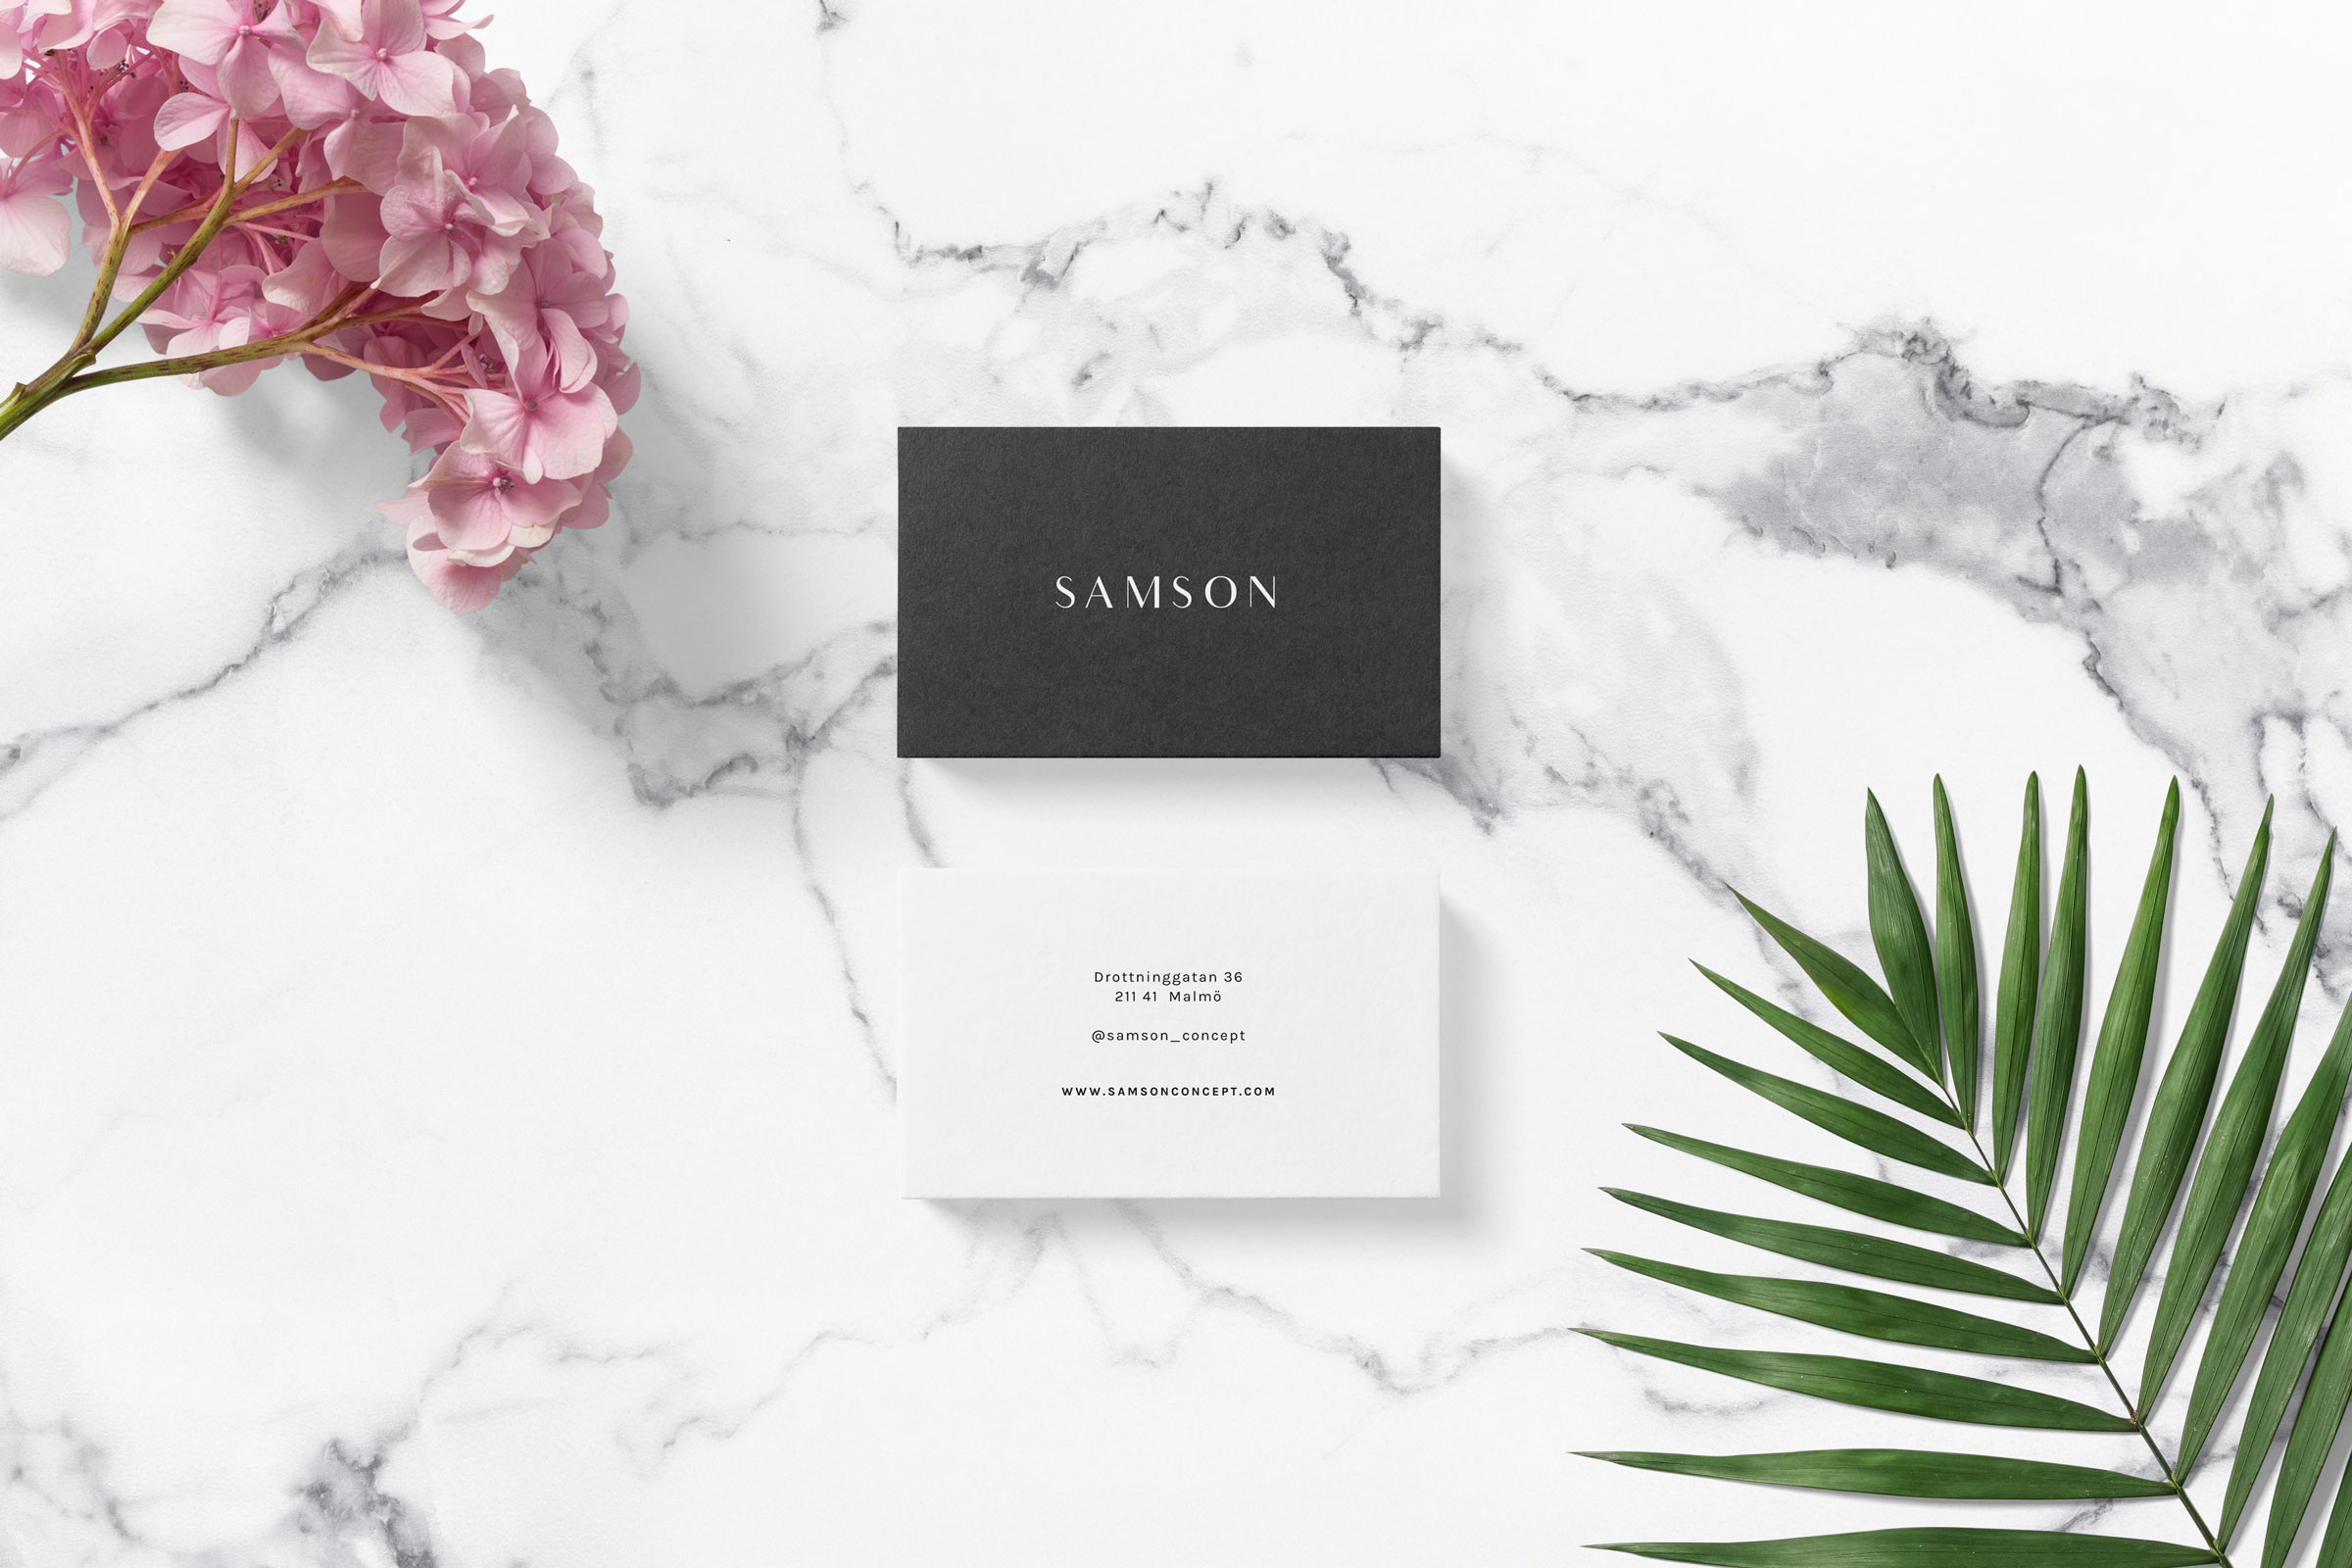 Samson-2.jpg